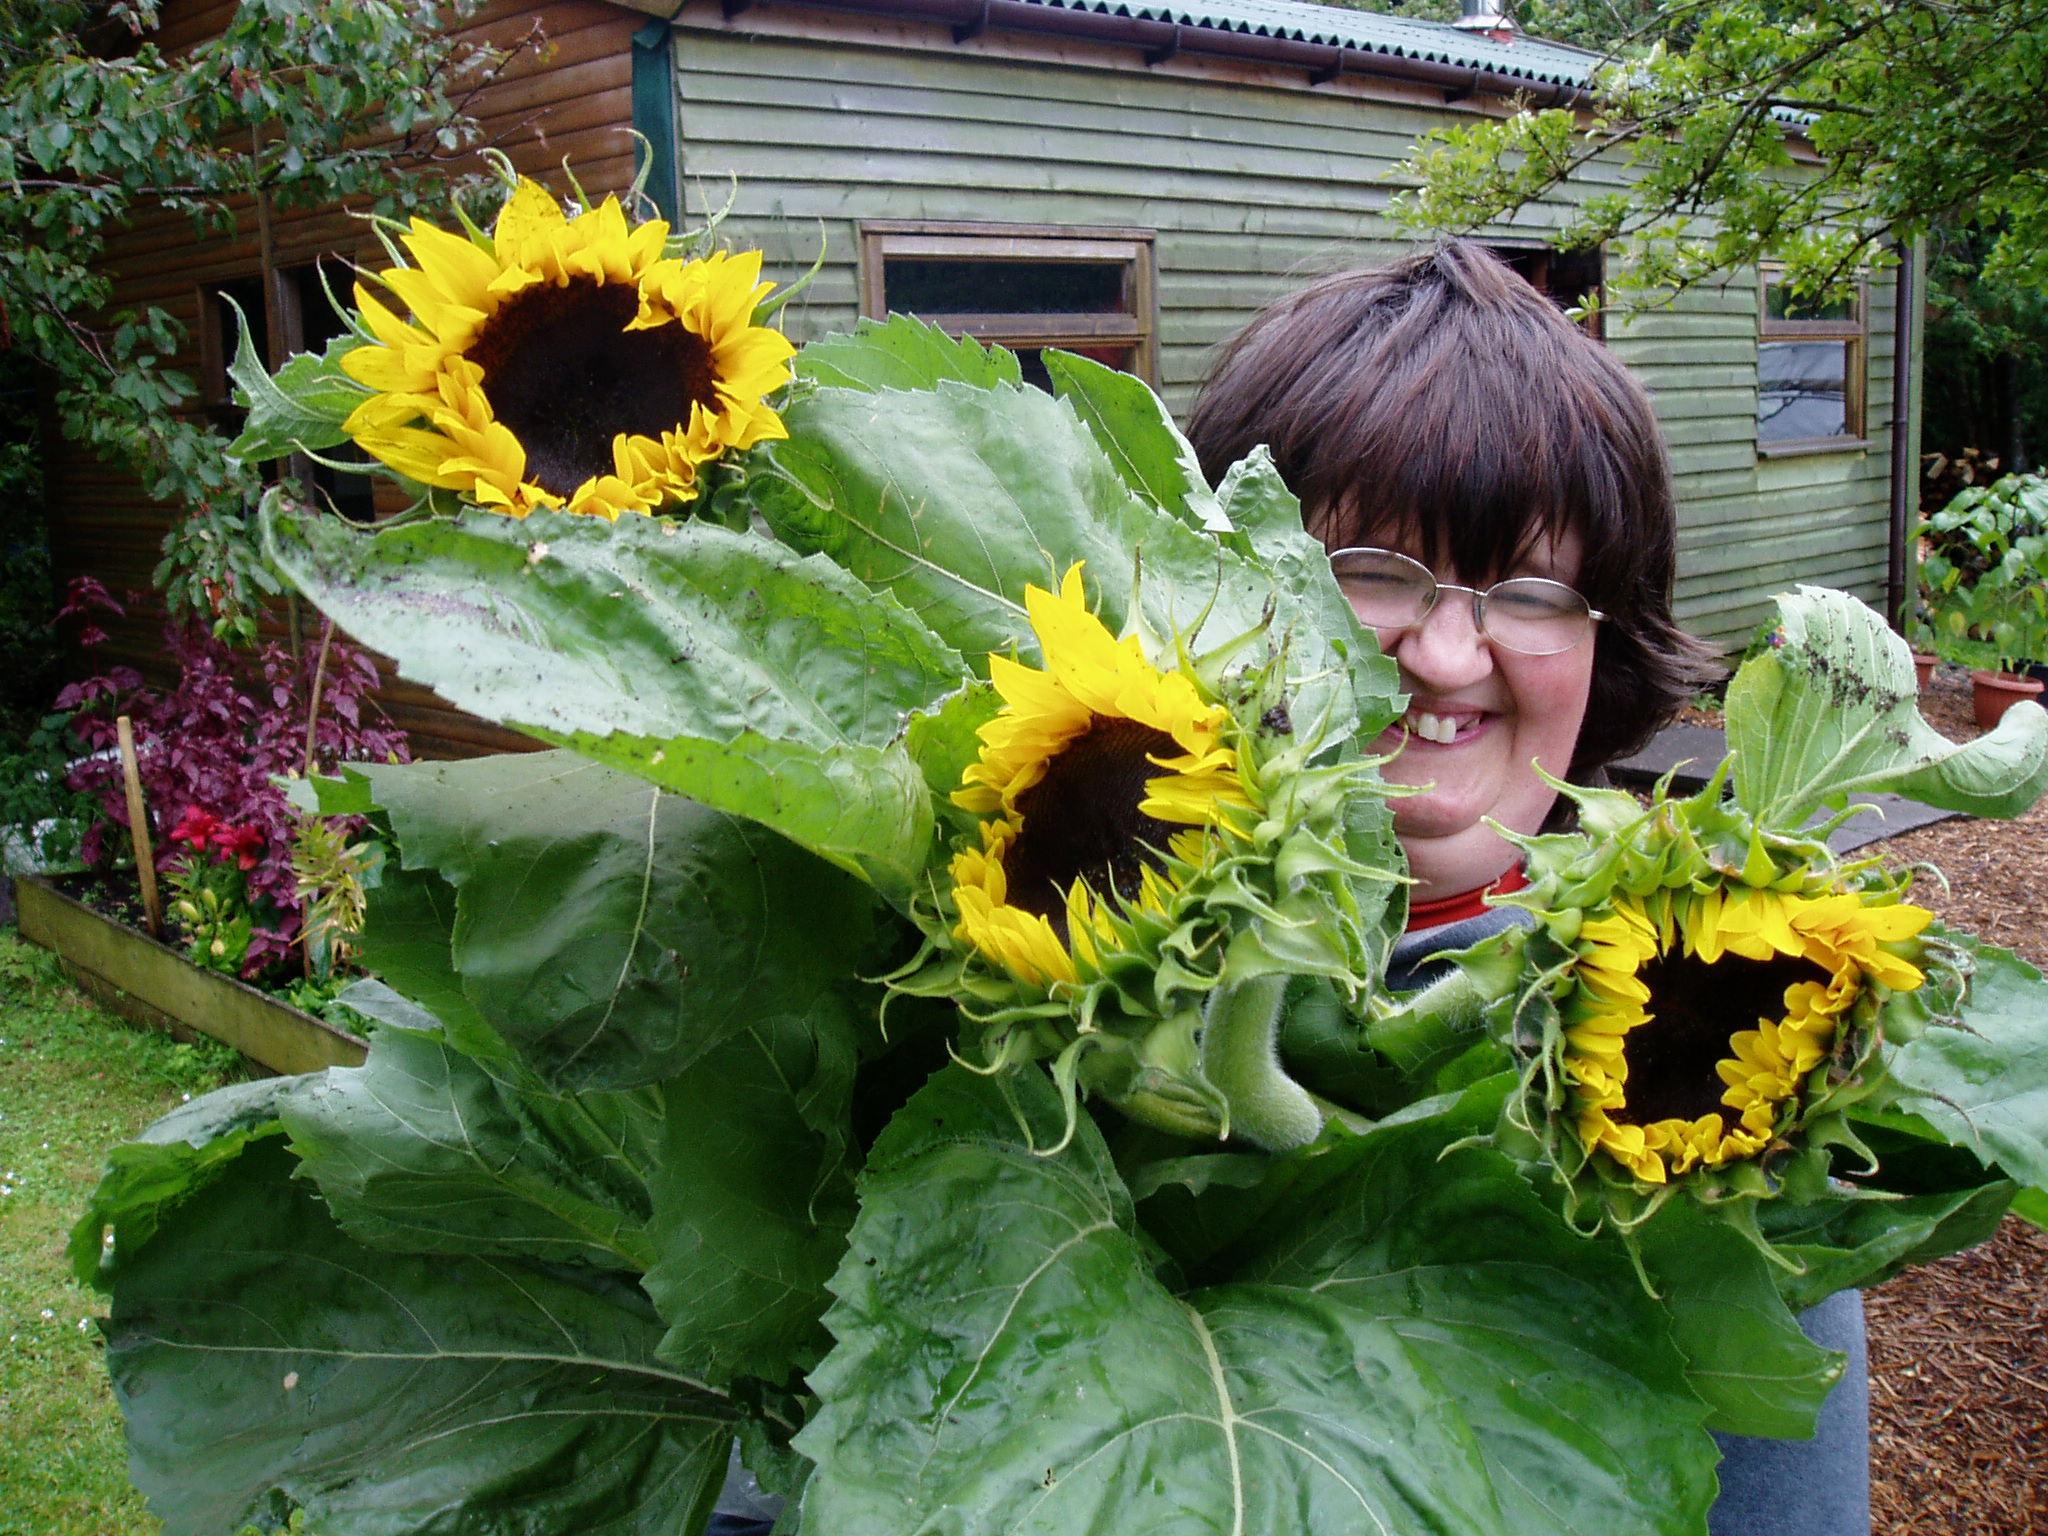 resident holding sunflowers